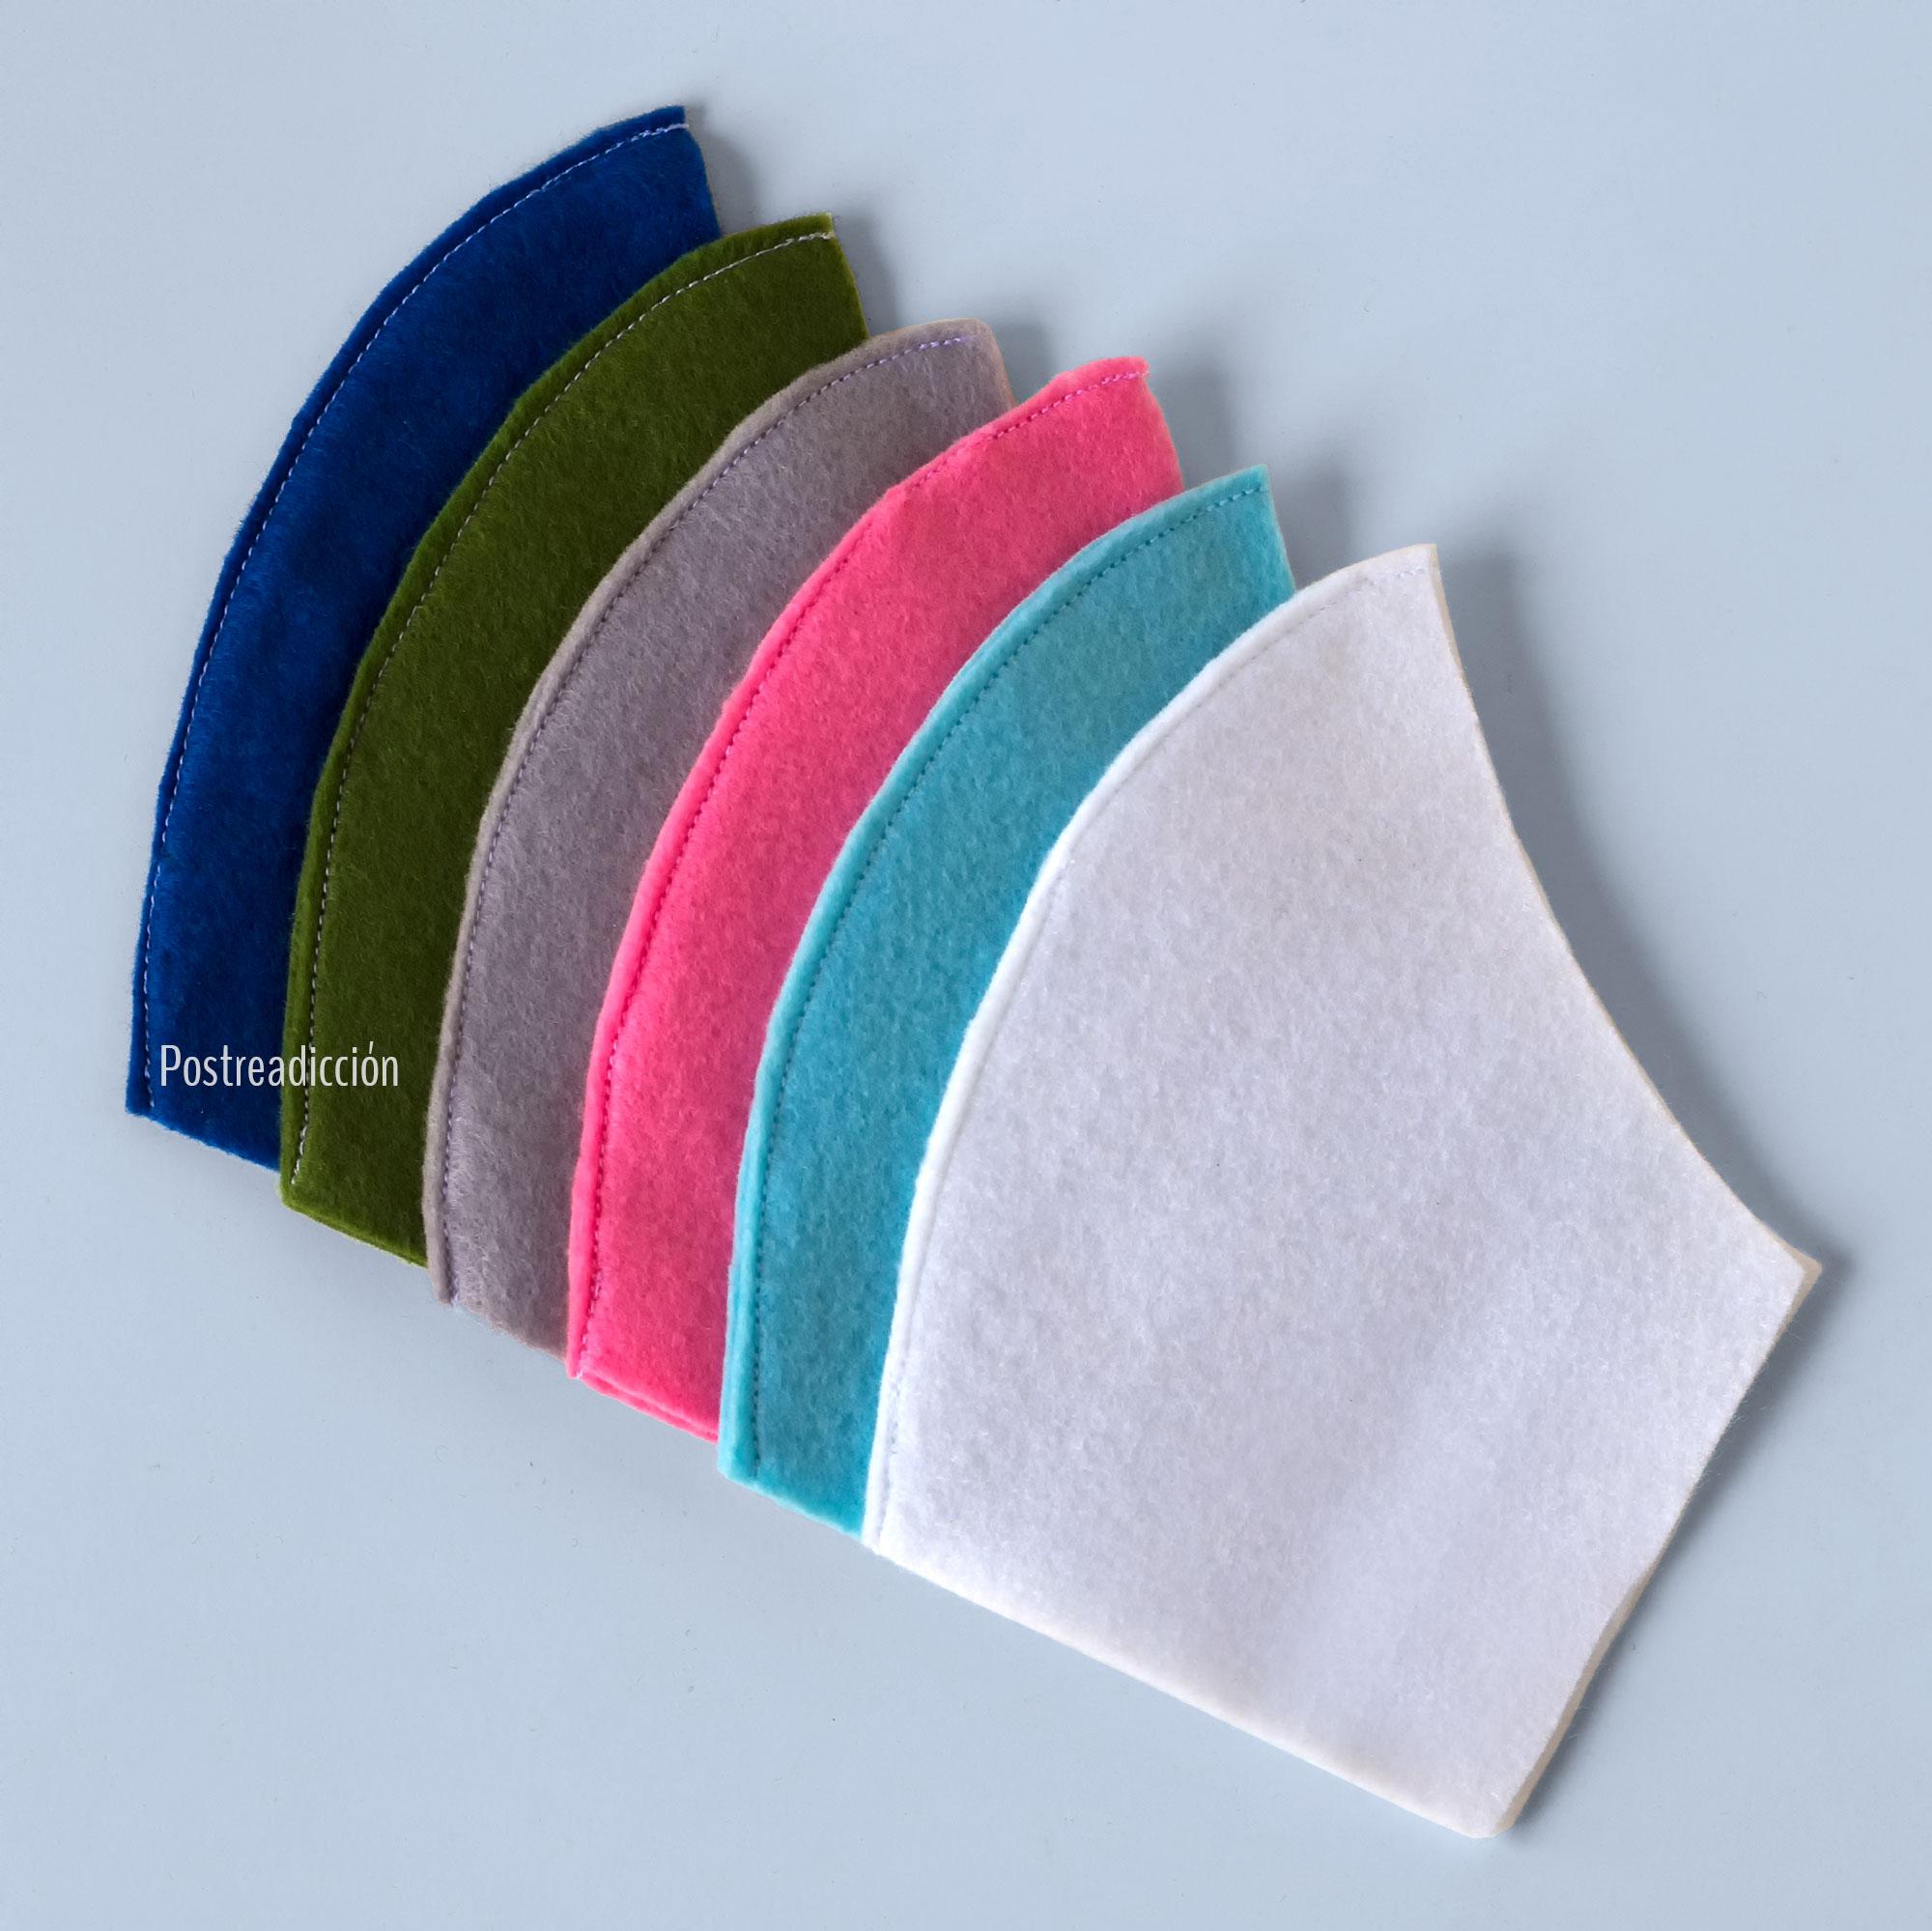 Imagen de producto: https://tienda.postreadiccion.com/img/articulos/secundarias13433-mascarilla-sweet-nothings-azul-2.jpg